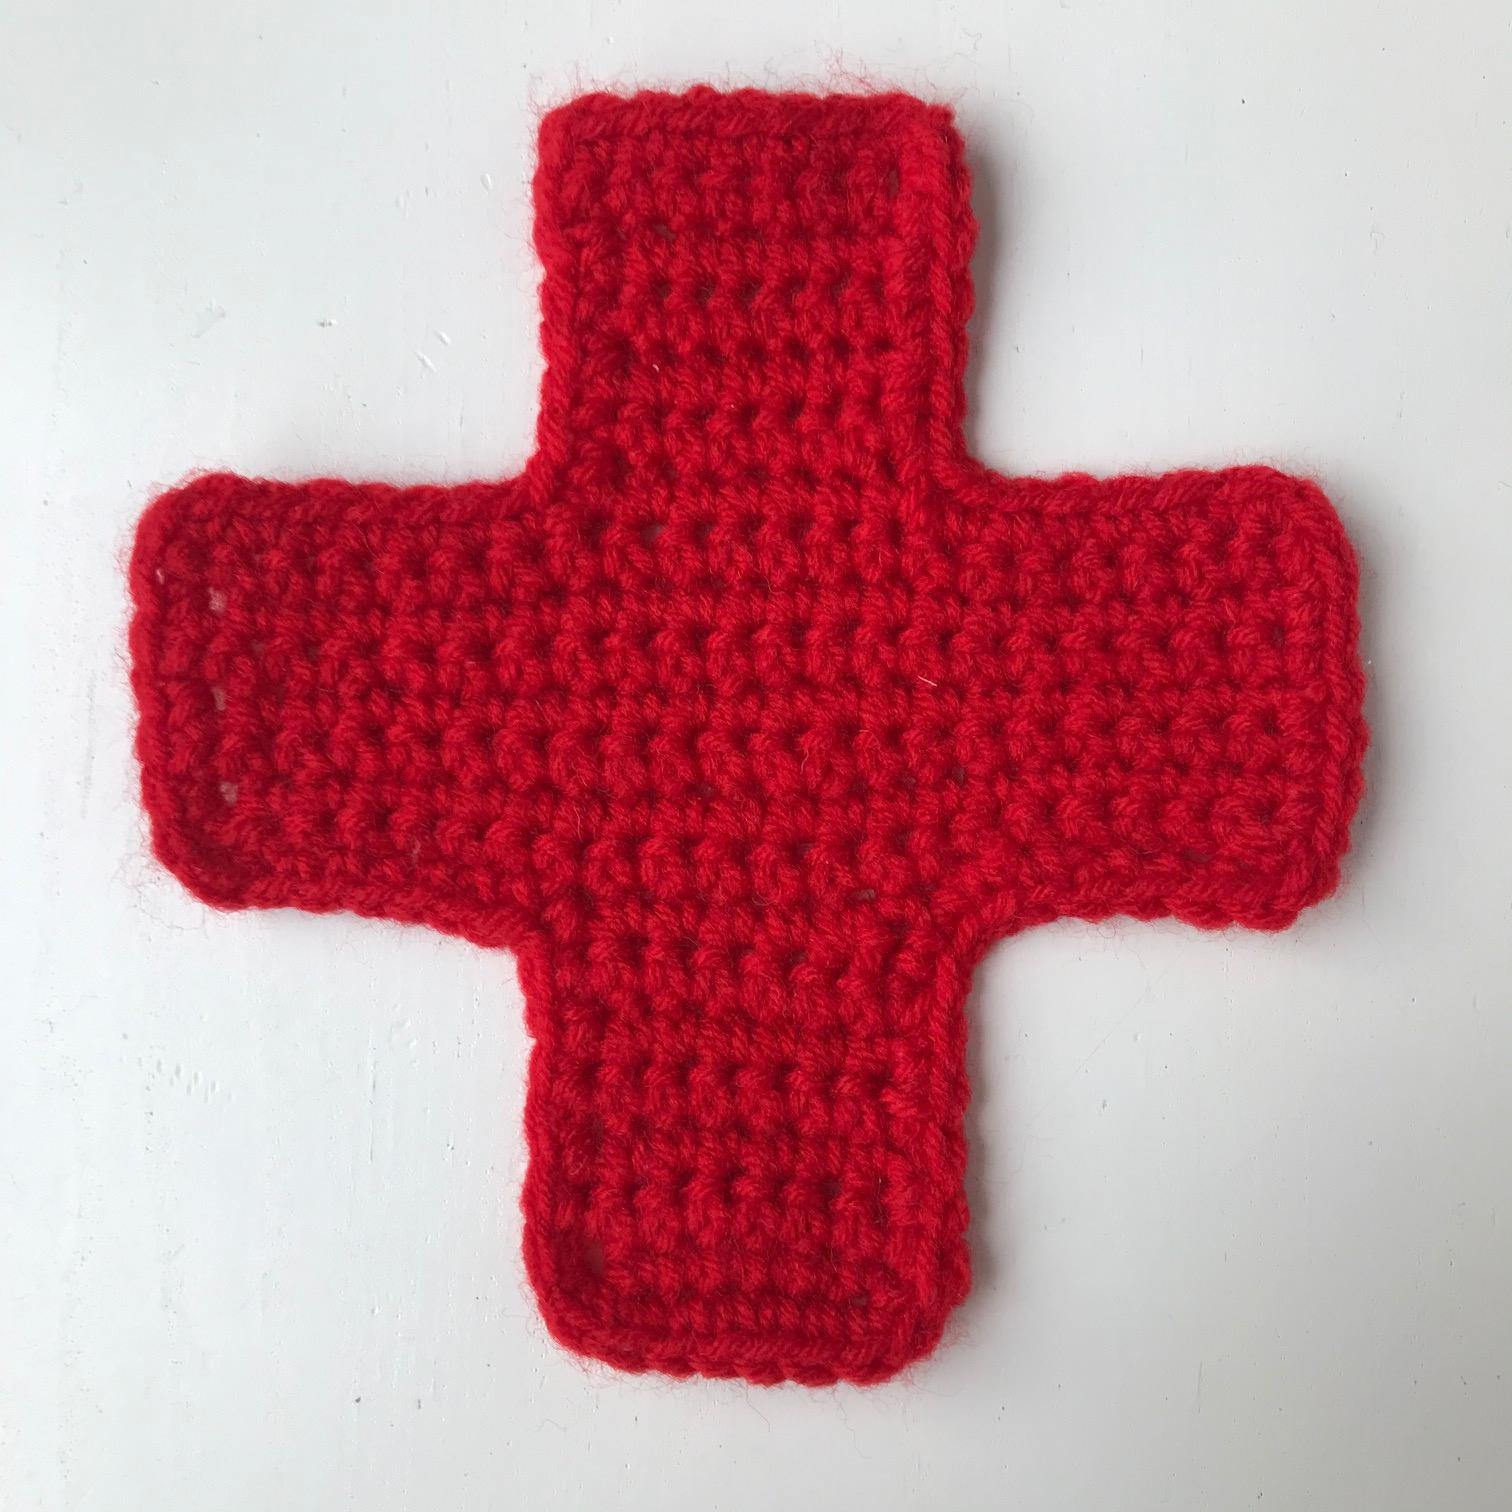 meetthemaker day 15, rood kruis , gehakt, red cross, crochet